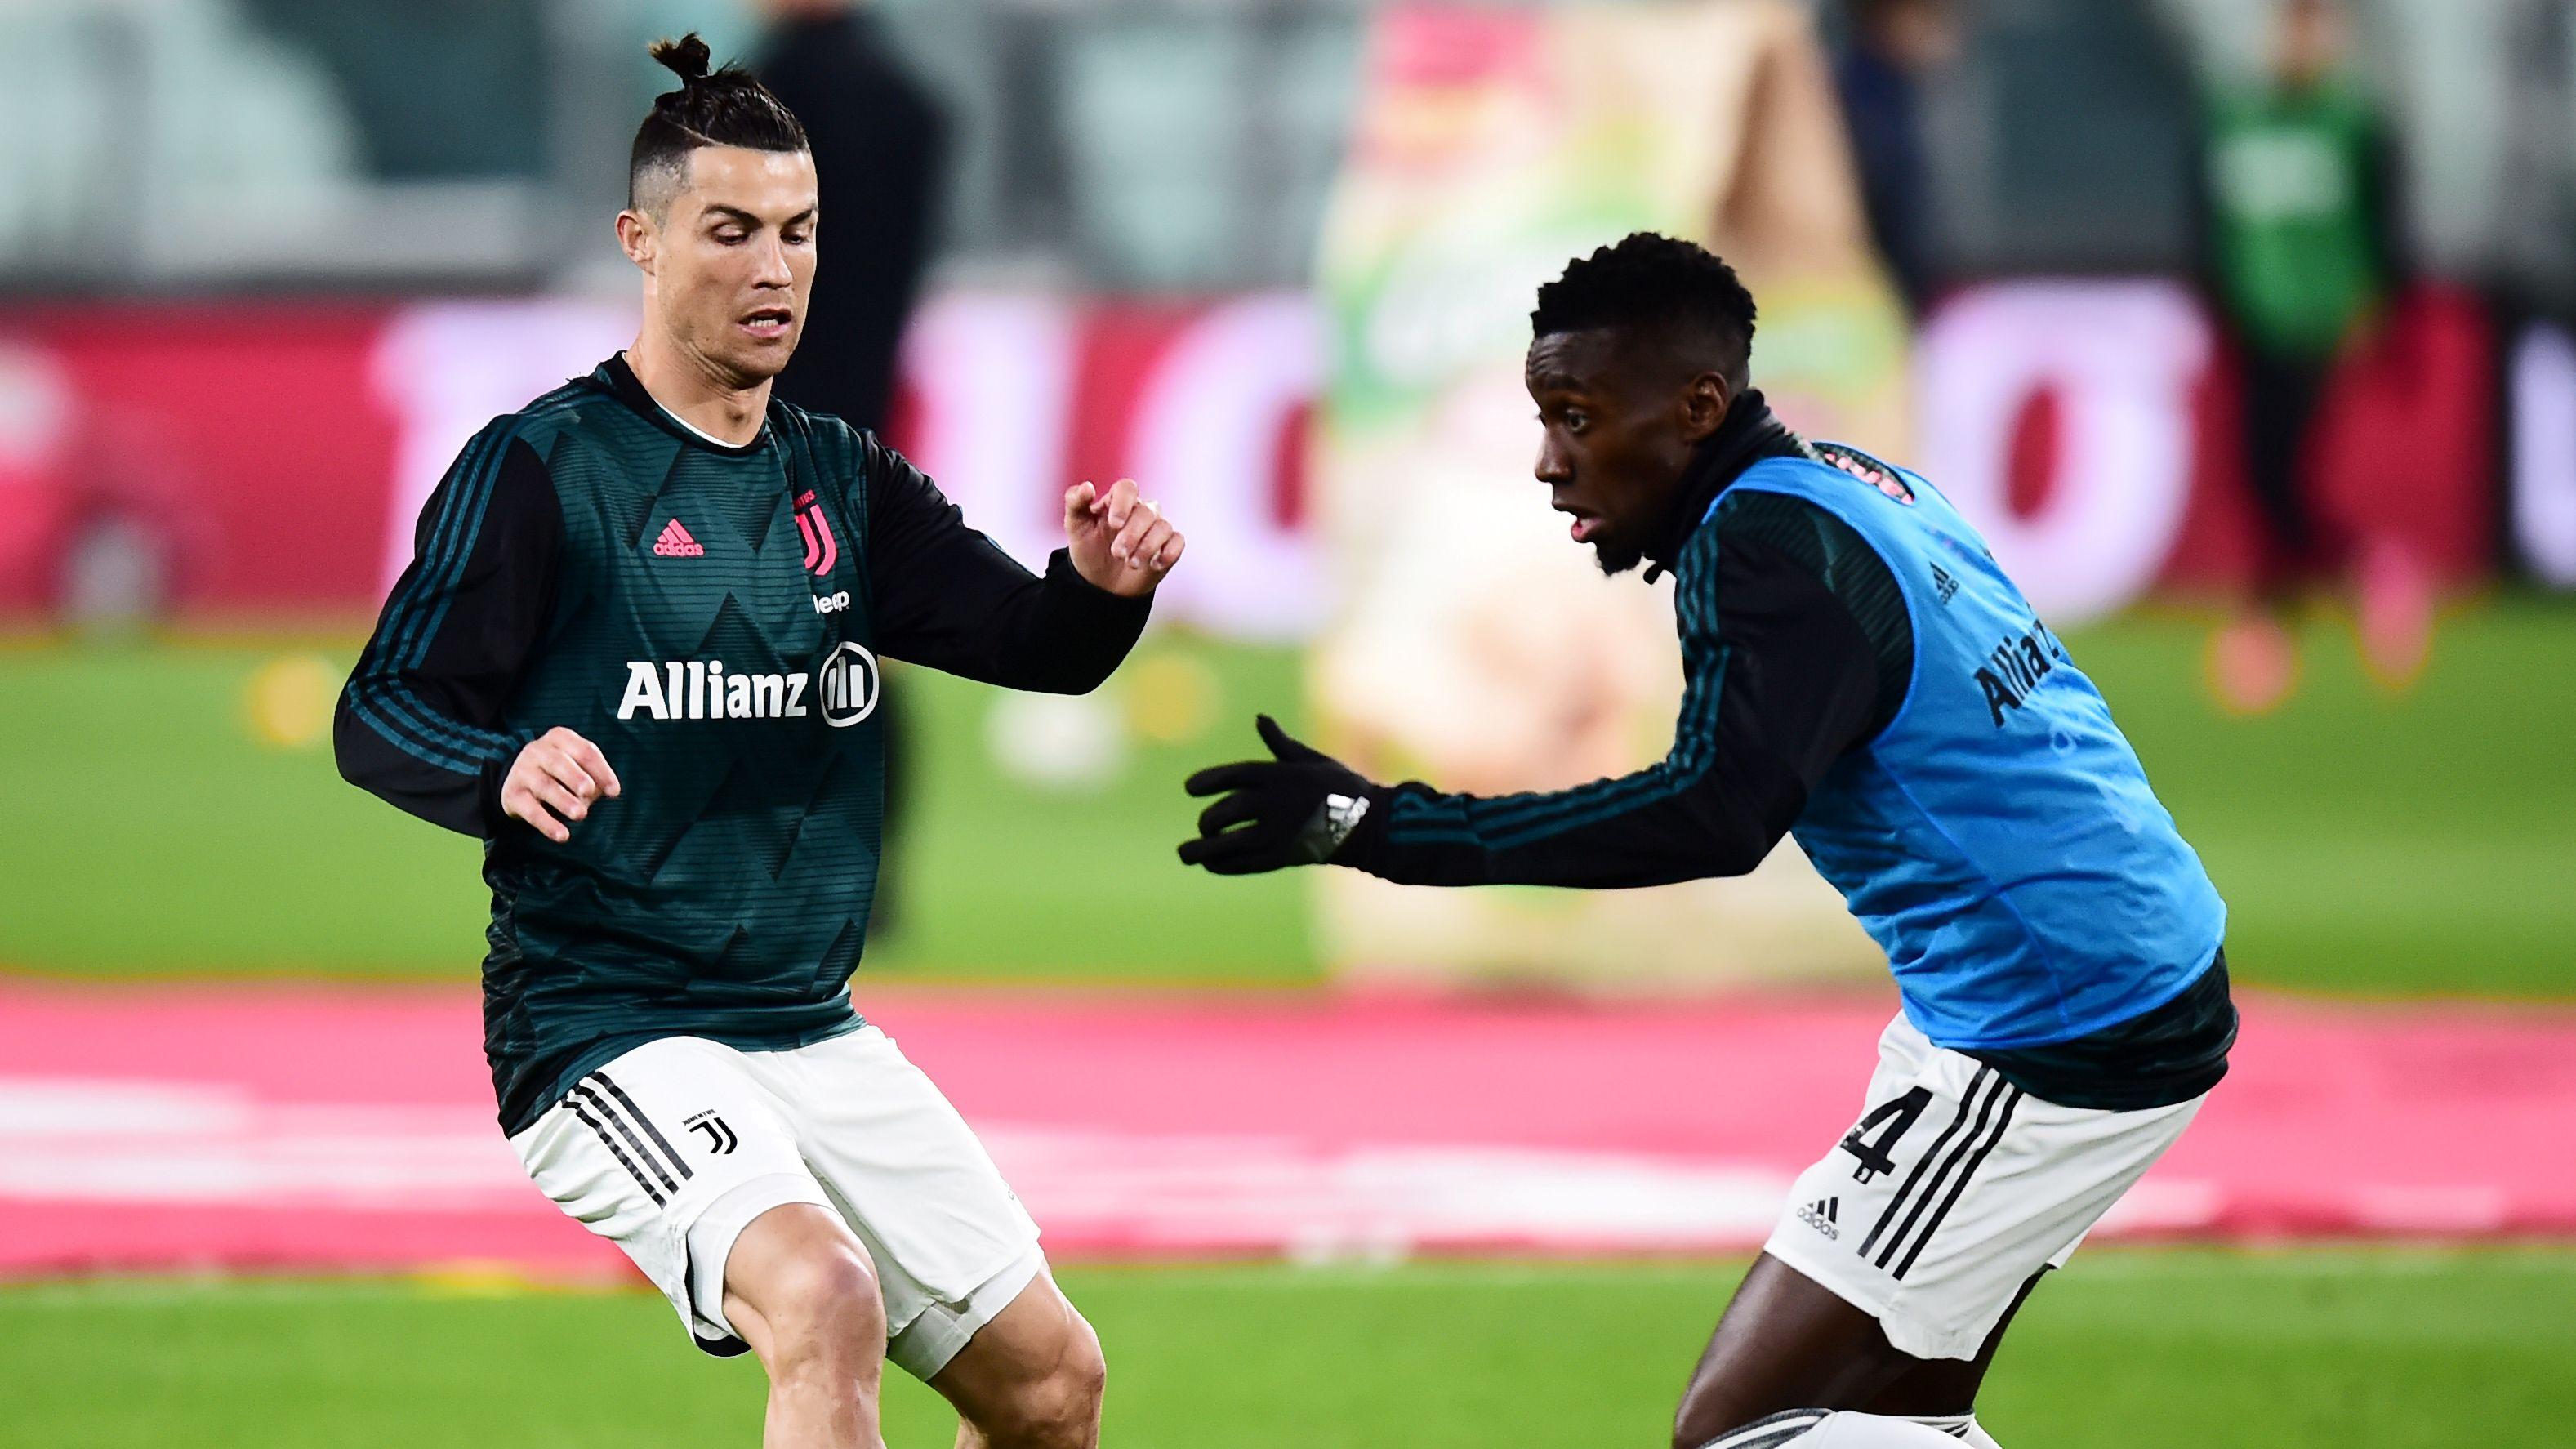 Matuidi partirá rumbo a la MLS (Reuters/ Massimo Pinca)